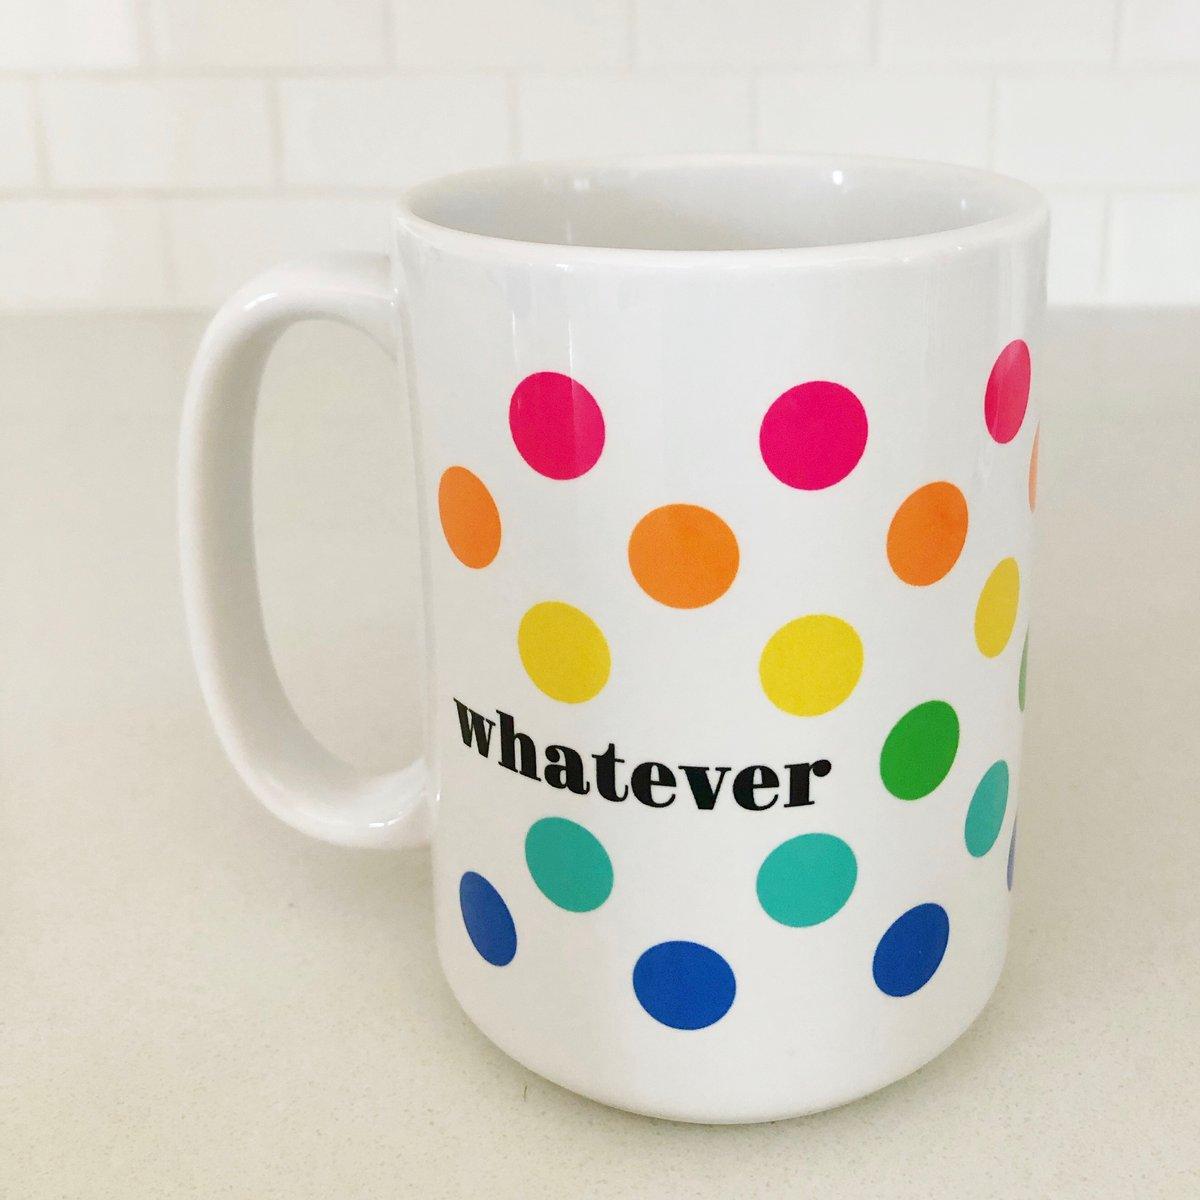 Image of Polka Dot Whatever Mug